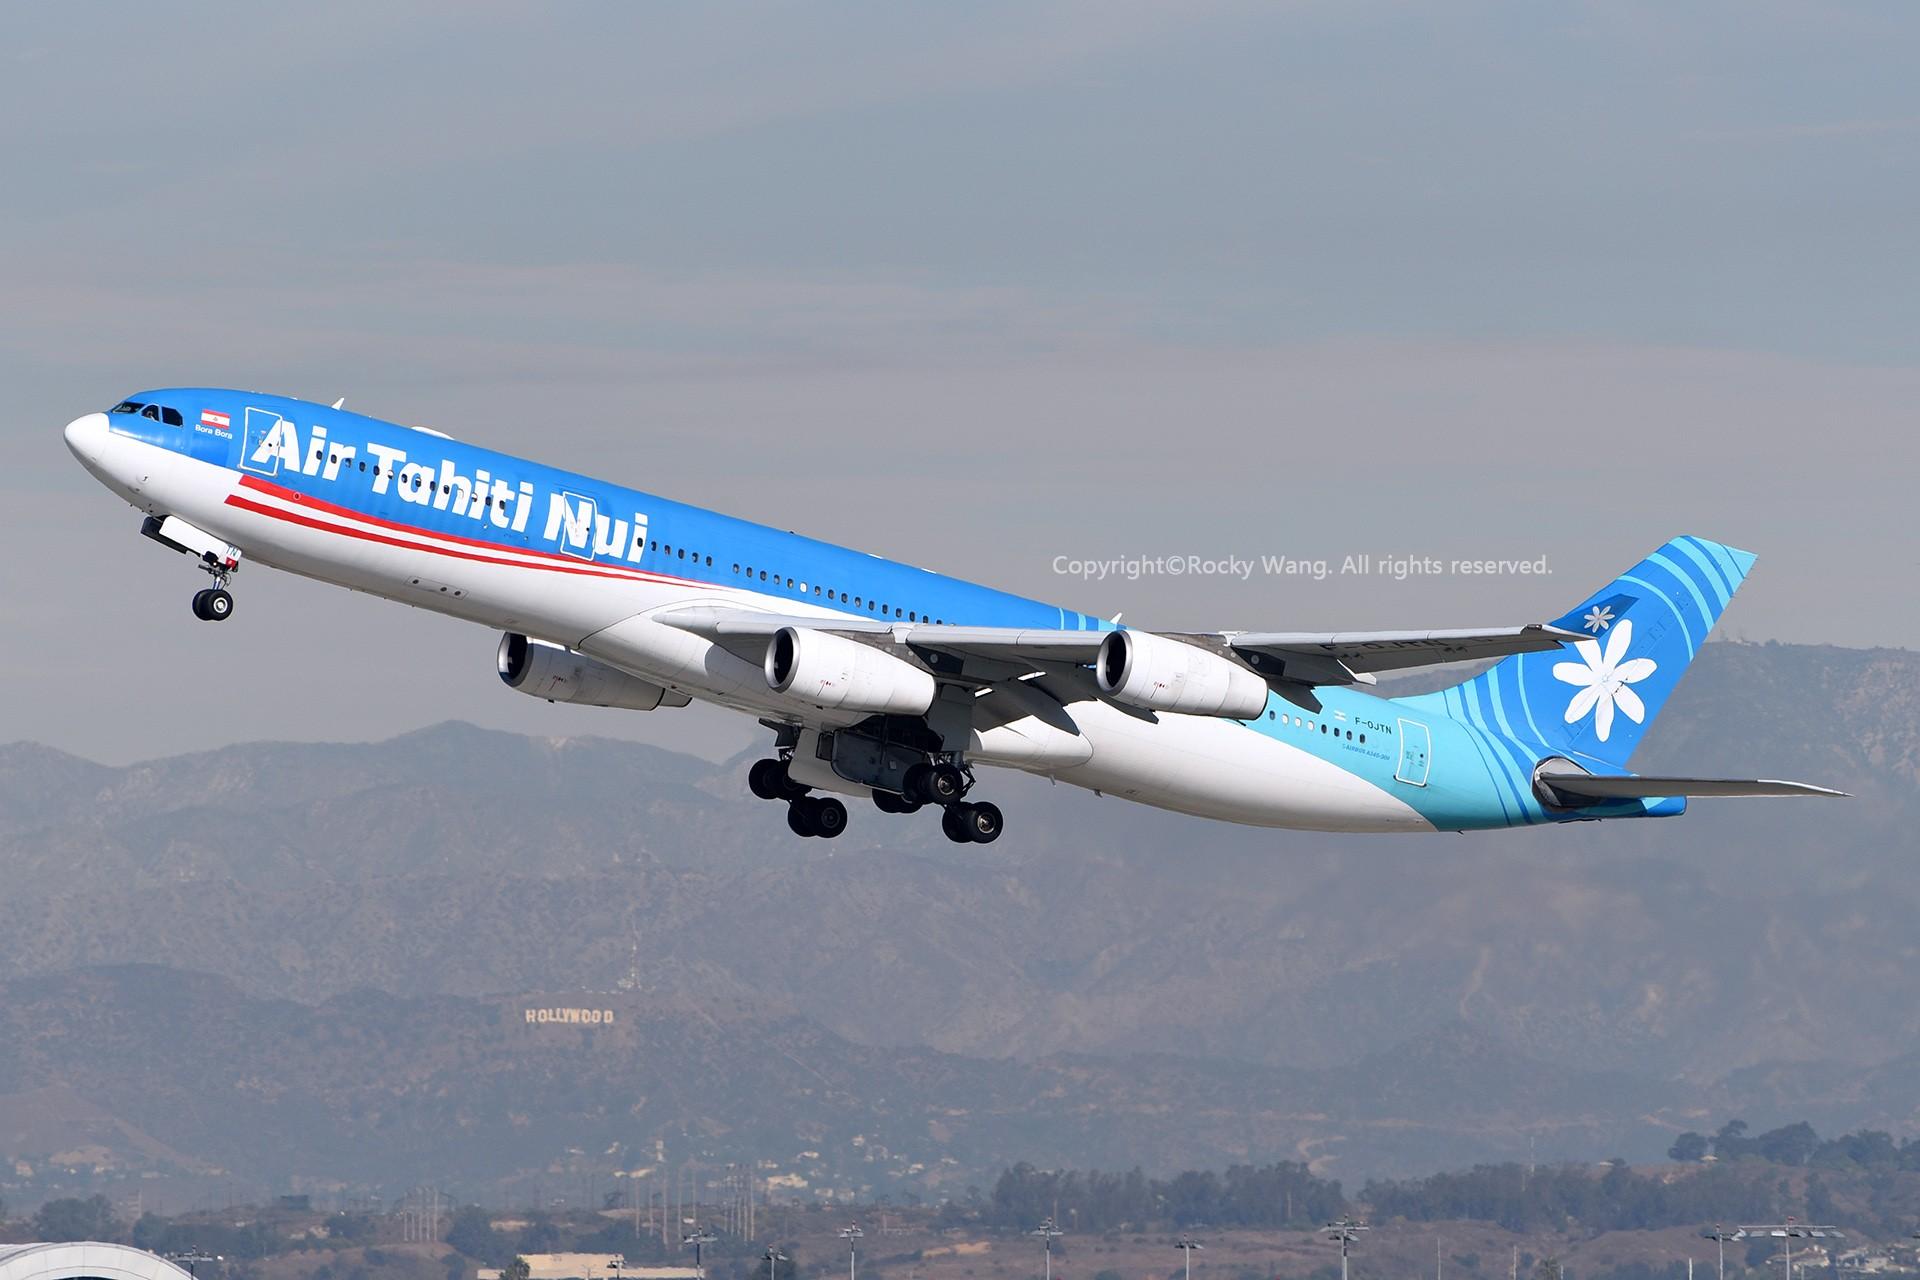 Re:[原创]KLAX 30图 AIRBUS A340-313X F-OJTN Los Angeles Int'l Airport